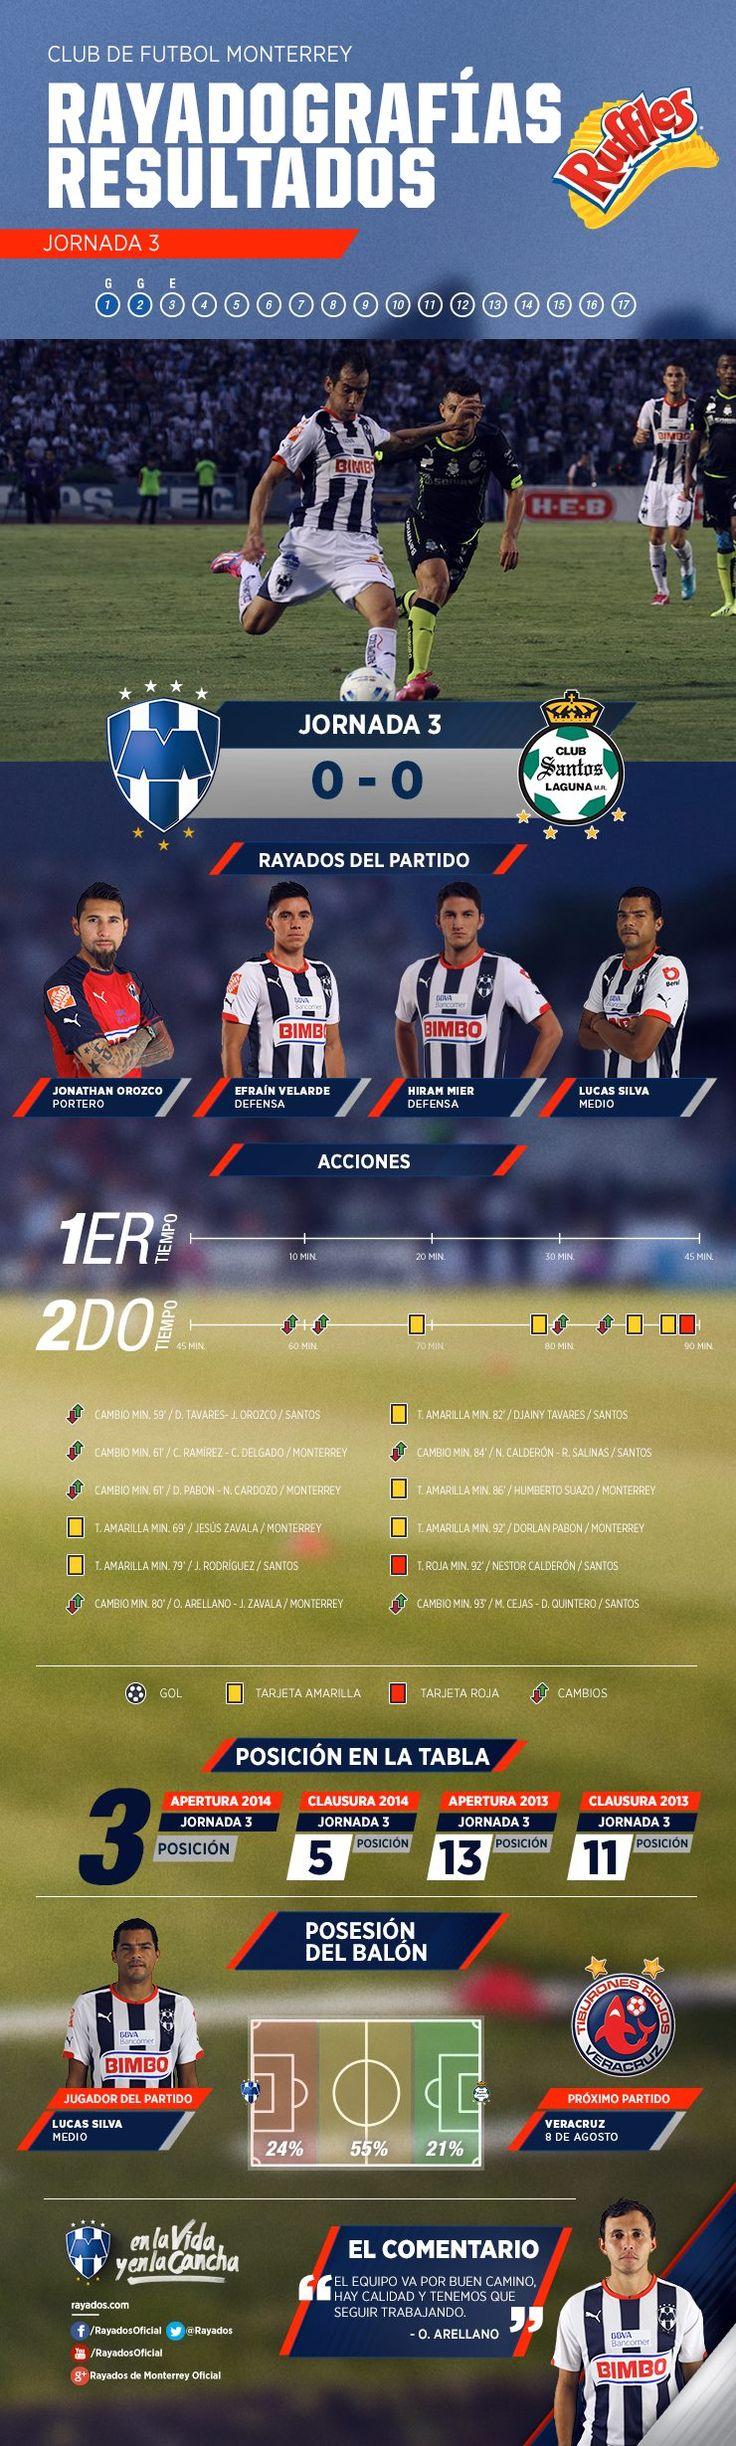 La #Rayadografía previa al partido del Club de Futbol Monterrey vs. Santos en la LIGA Bancomer MX es presentada por Ruffles MX. #VamosRayados.